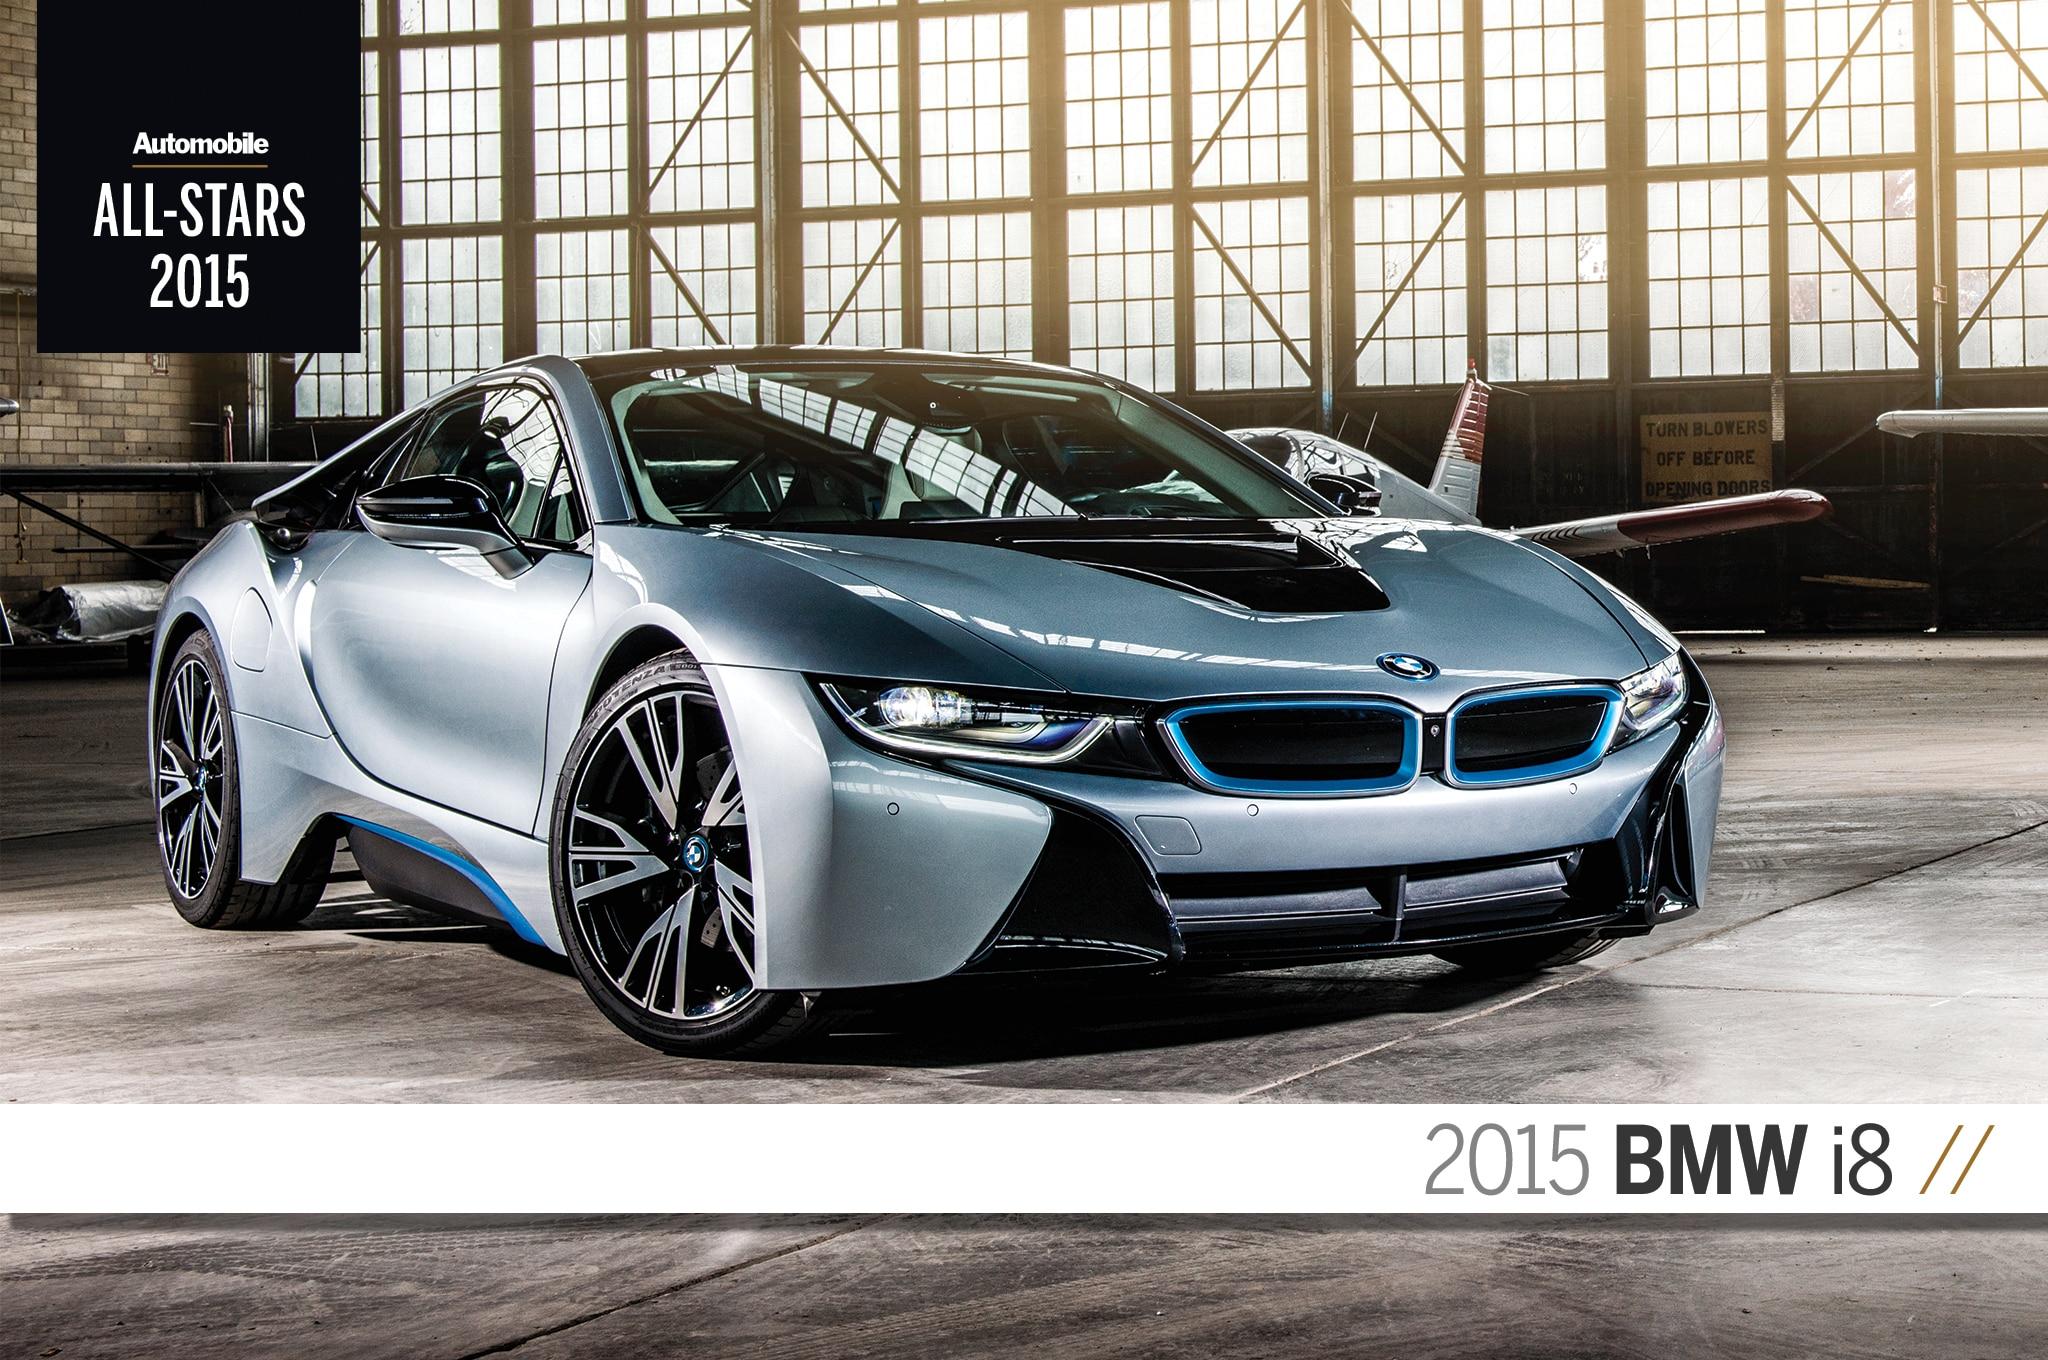 All Stars 2015 BMW I8 Final